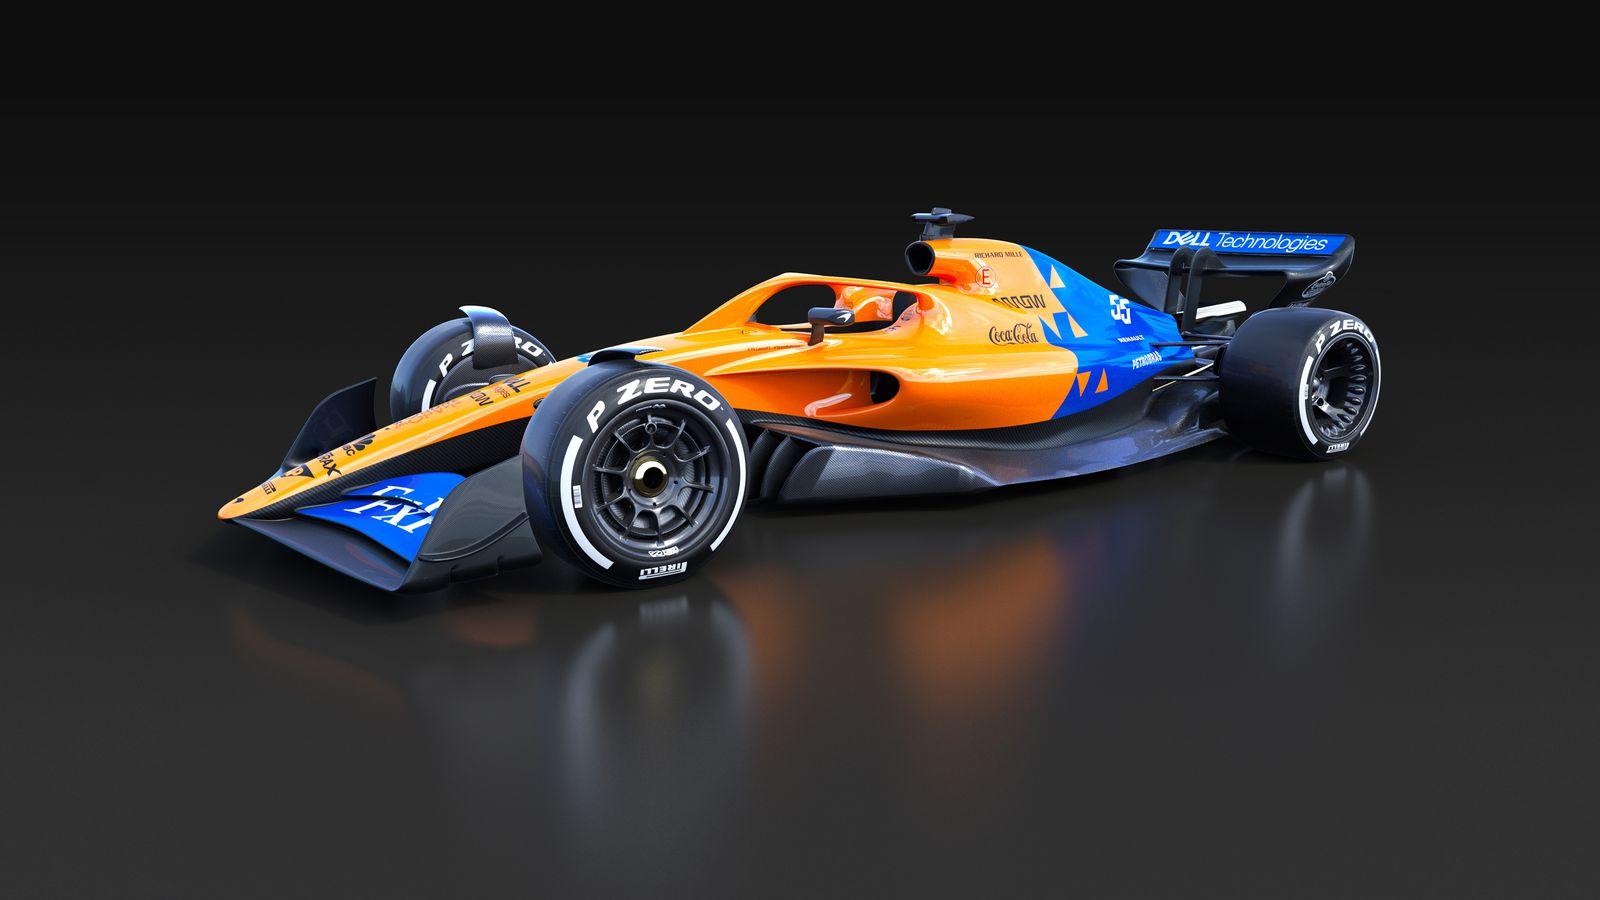 Mclaren Racing A New Era Of Formula 1